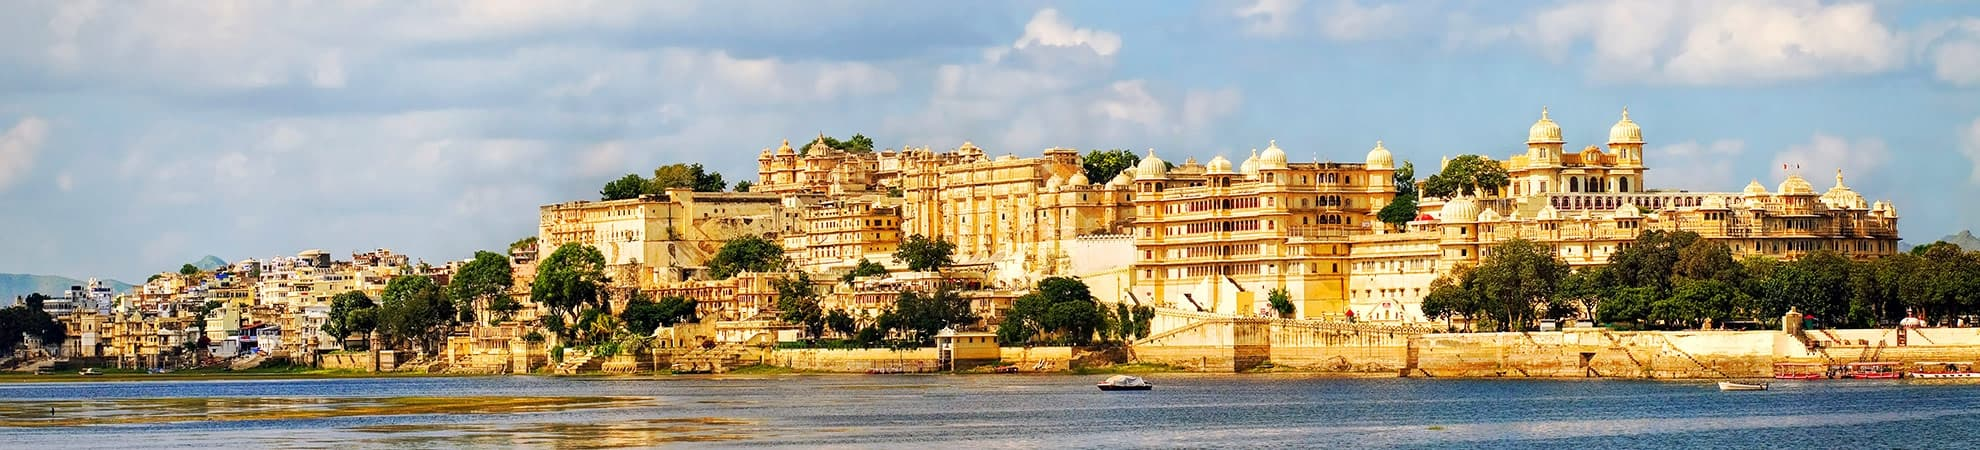 Voyage Le Rajasthan en Inde